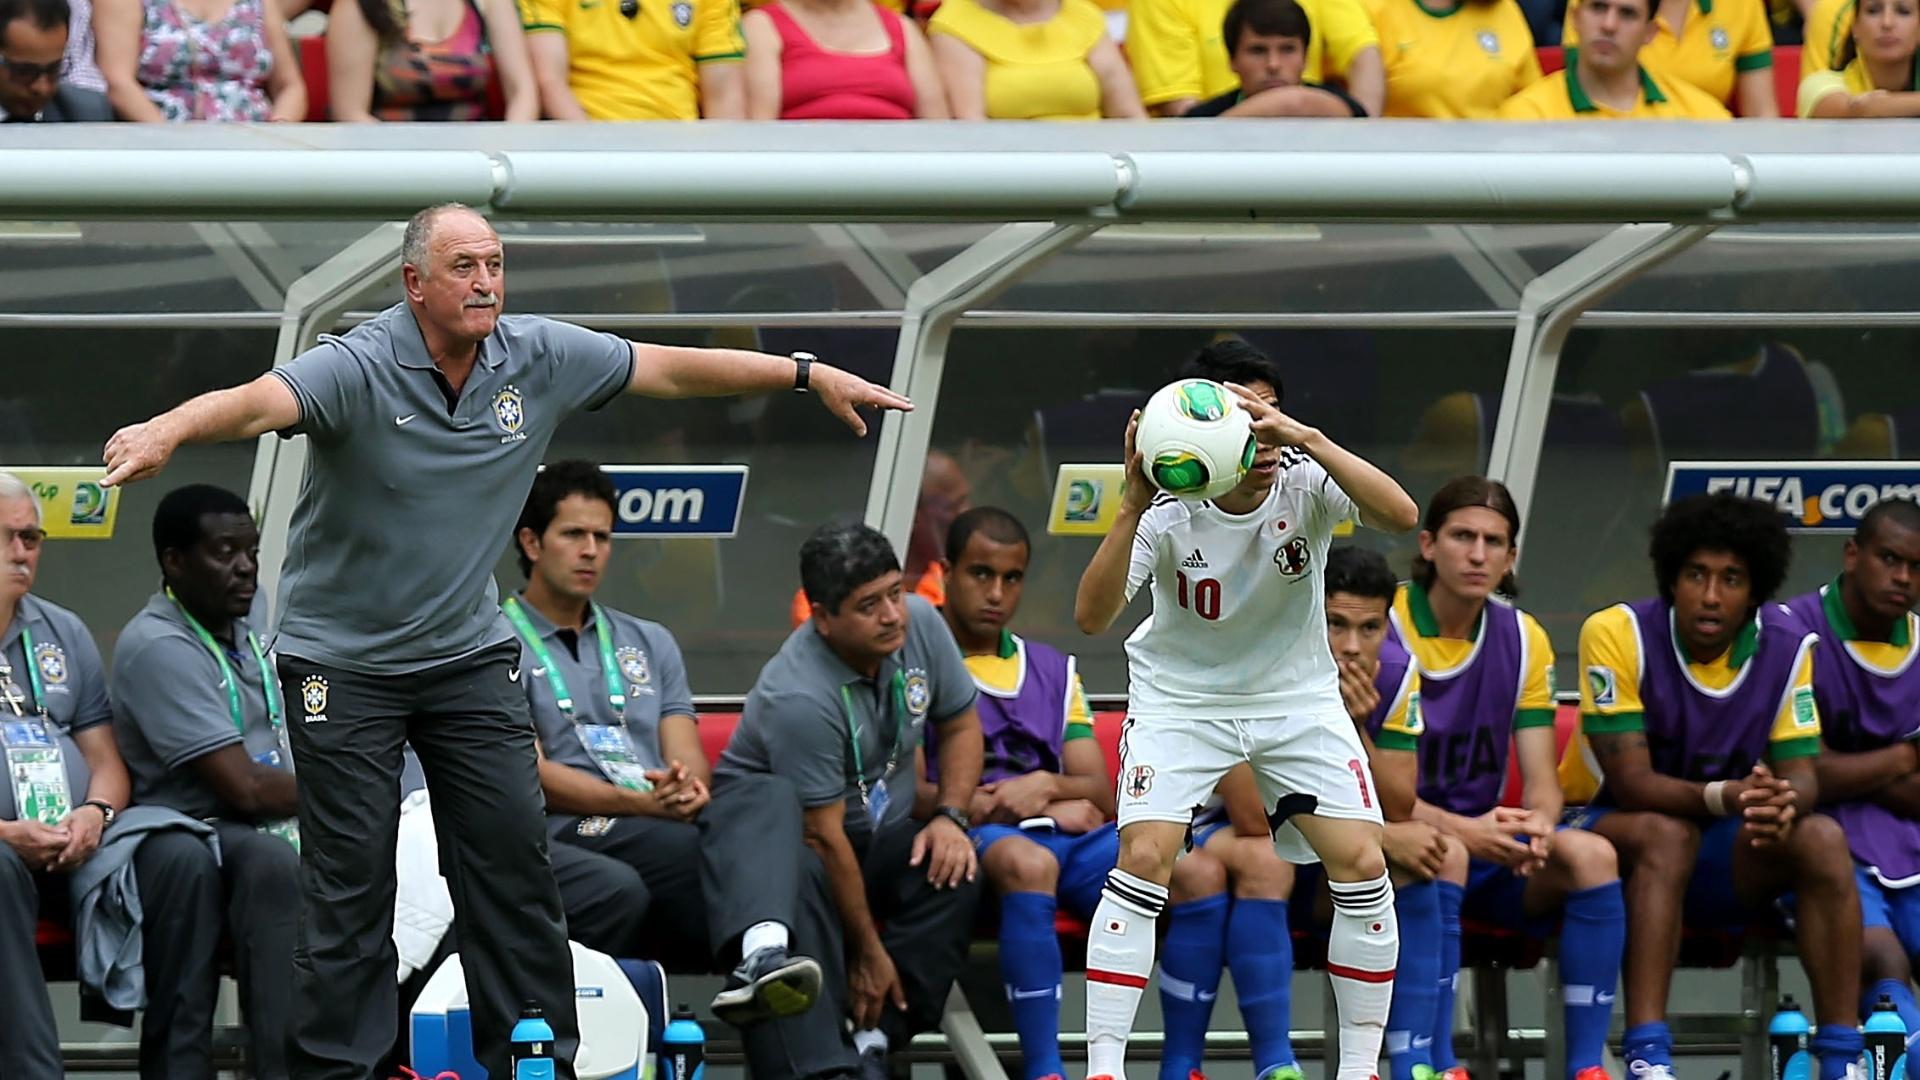 15.jun.2013 - Técnico Luiz Felipe Scolari gesticula com os jogadores da seleção durante a partida contra o Japão